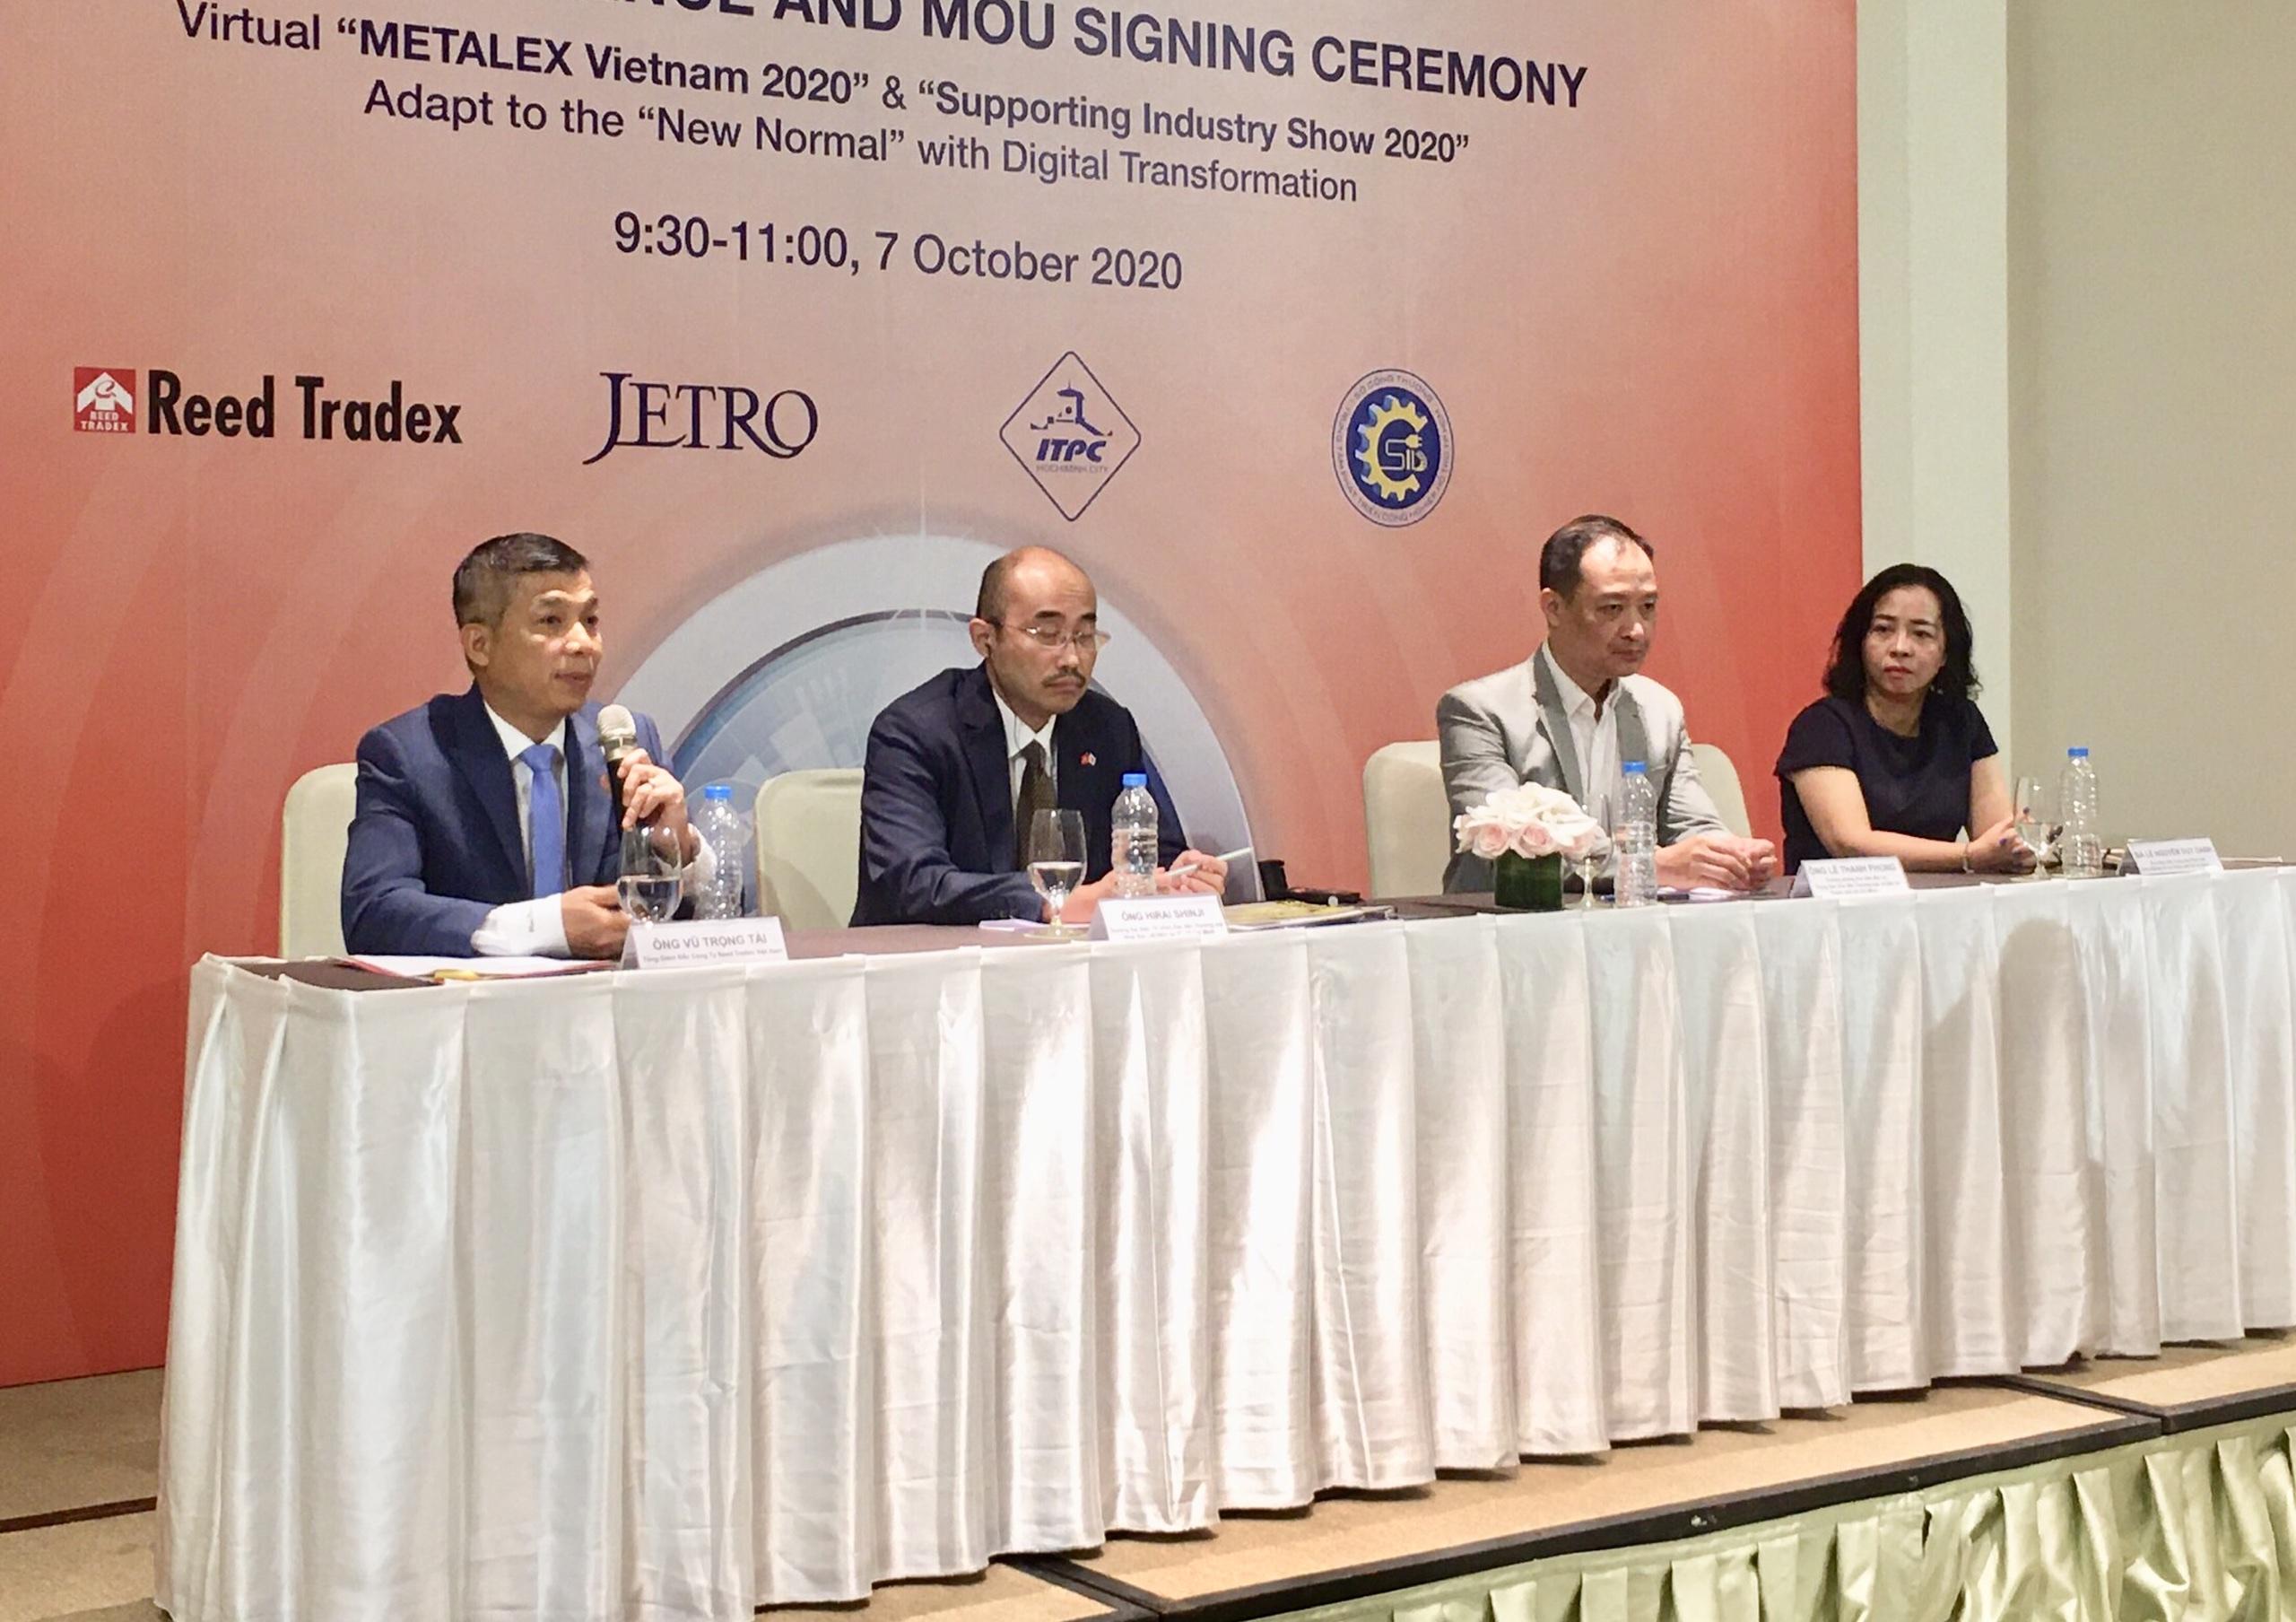 Doanh nghiệp Nhật Bản muốn đa dạng hóa cơ sở hoạt động tại Việt Nam - Ảnh 2.